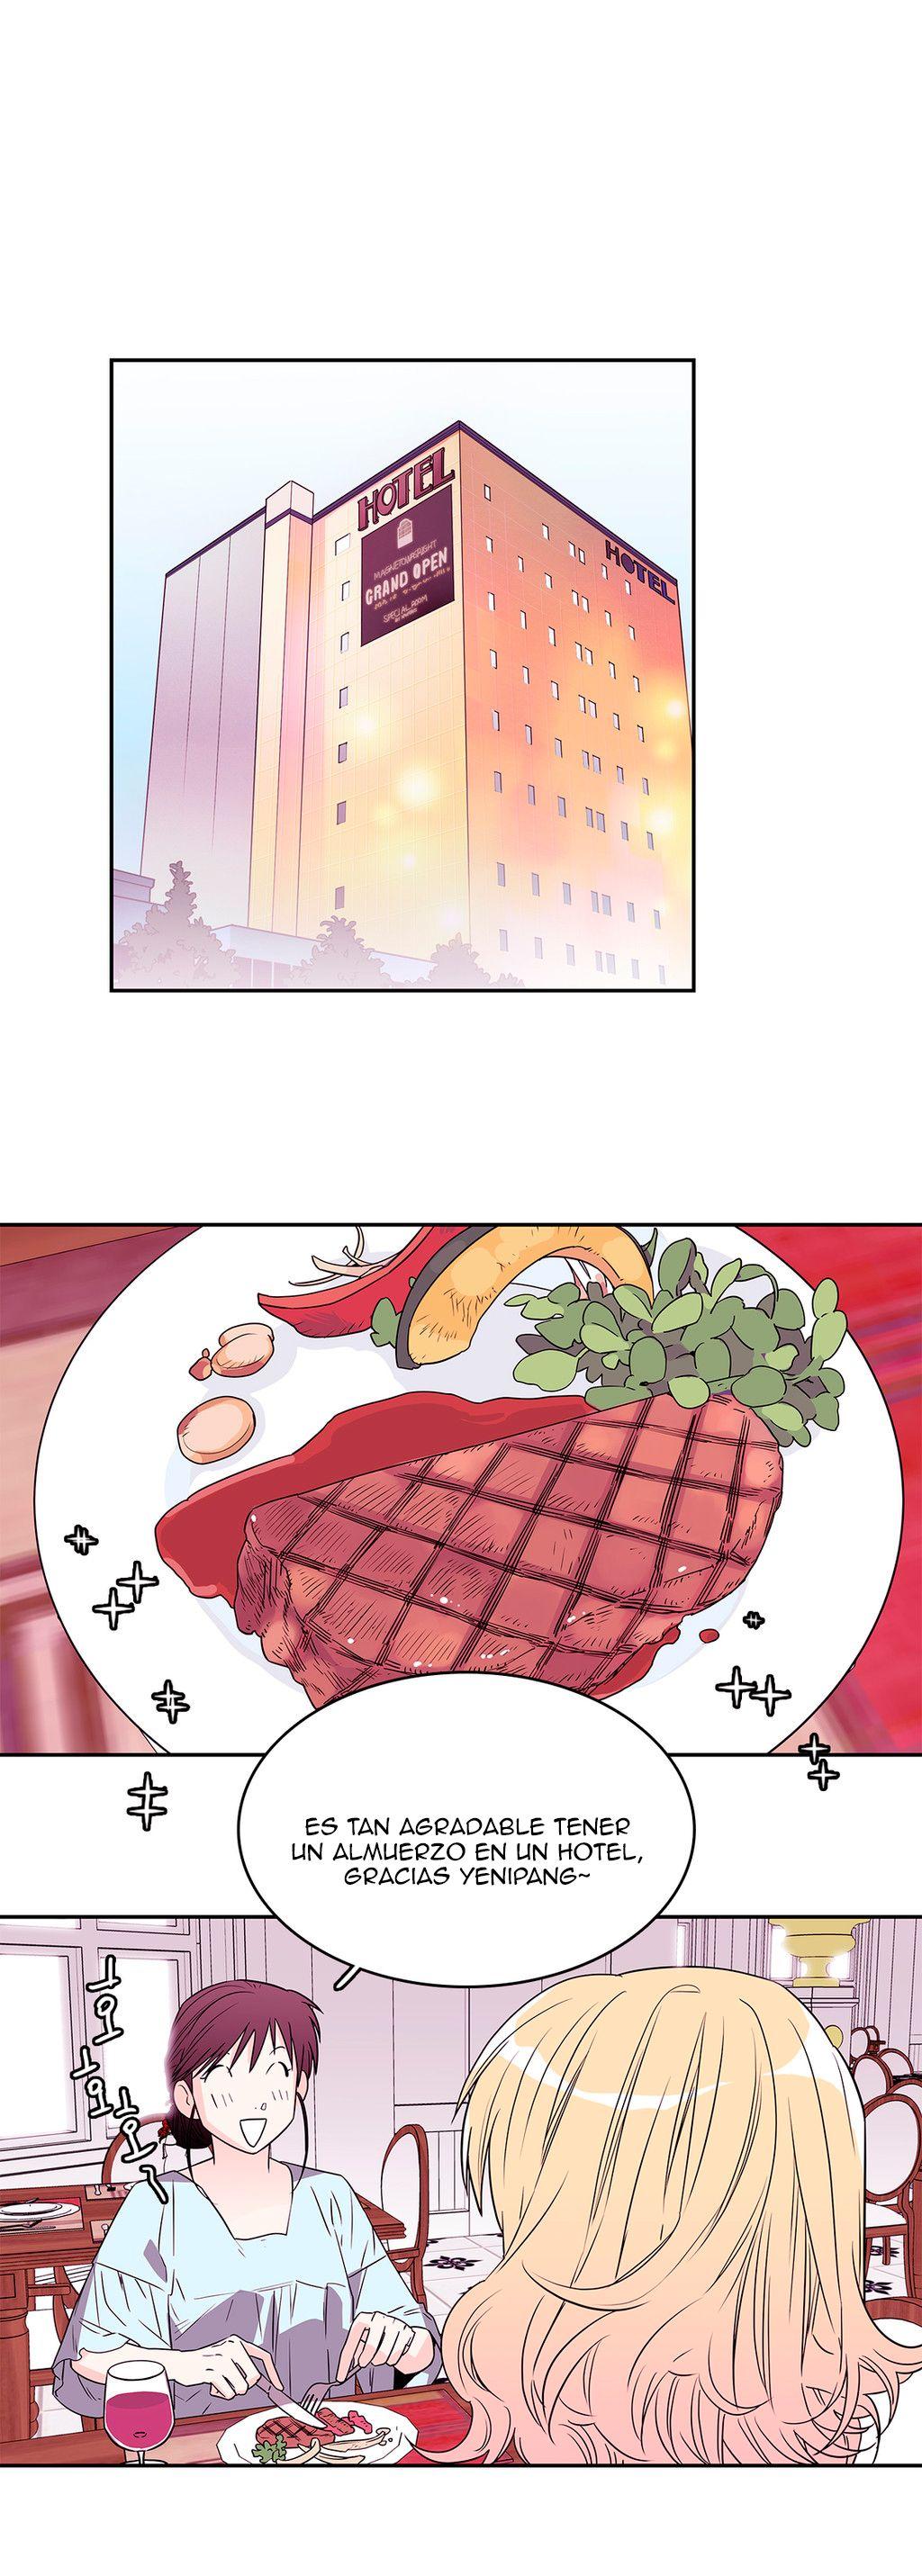 http://c5.ninemanga.com/es_manga/pic2/51/19443/515327/663234dbab46dd33830eb04df2e506d1.jpg Page 3